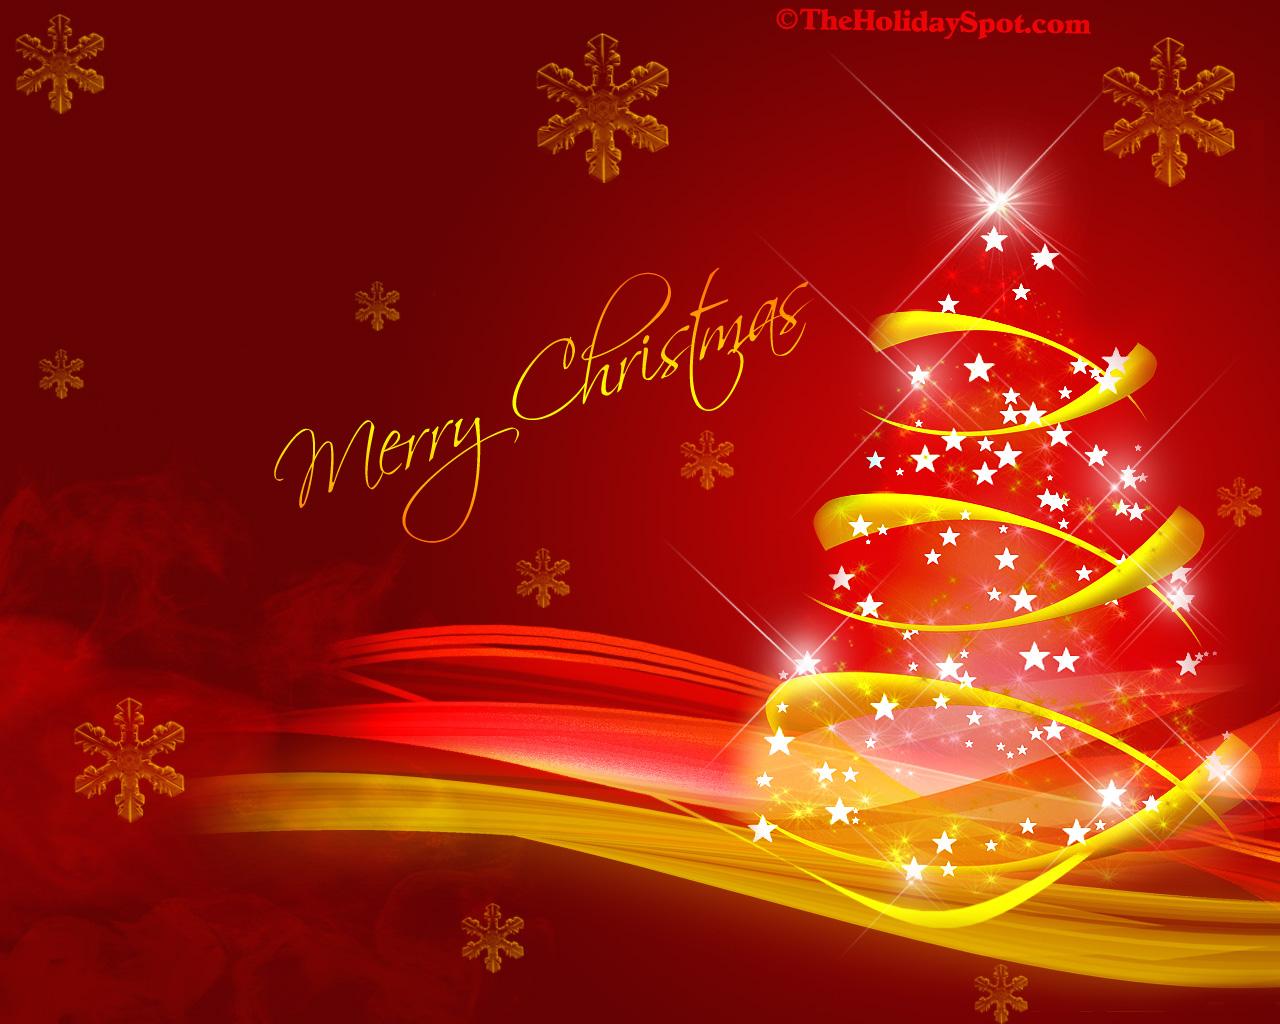 1280x1024 Christmas Wallpapers - 1280x1024 High quality Christmas tree ...